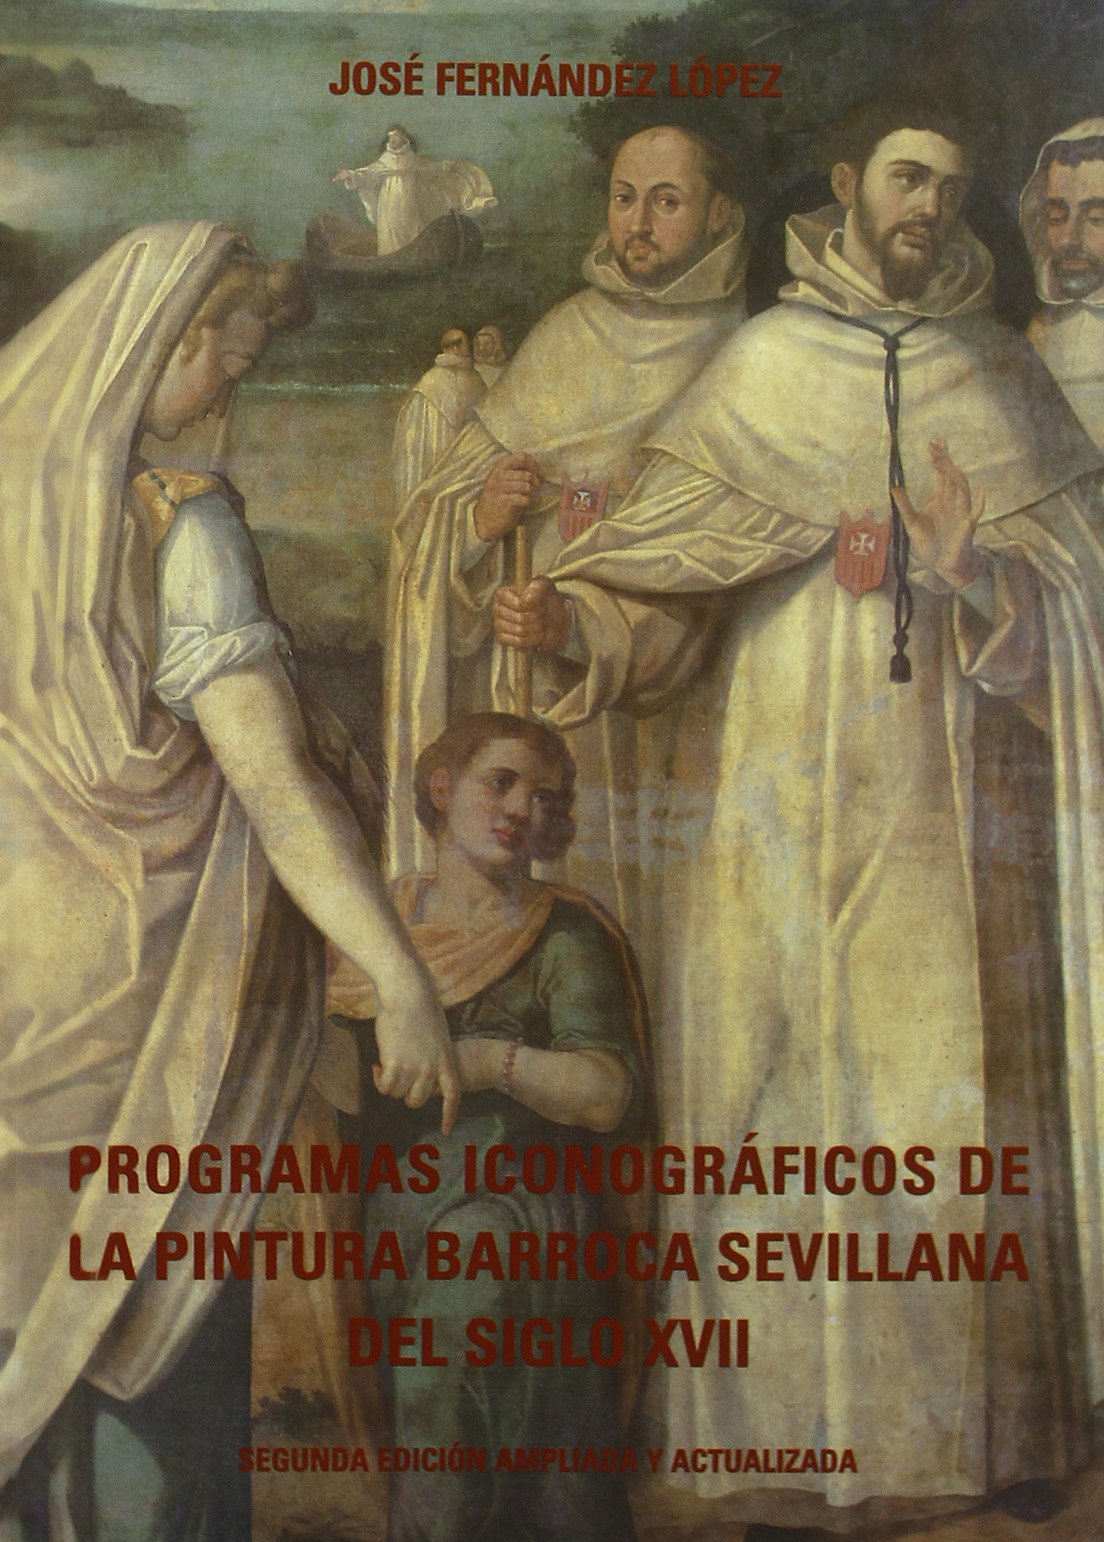 Programas Iconograficos De La Pintura Barroca Sevillana Del Siglo